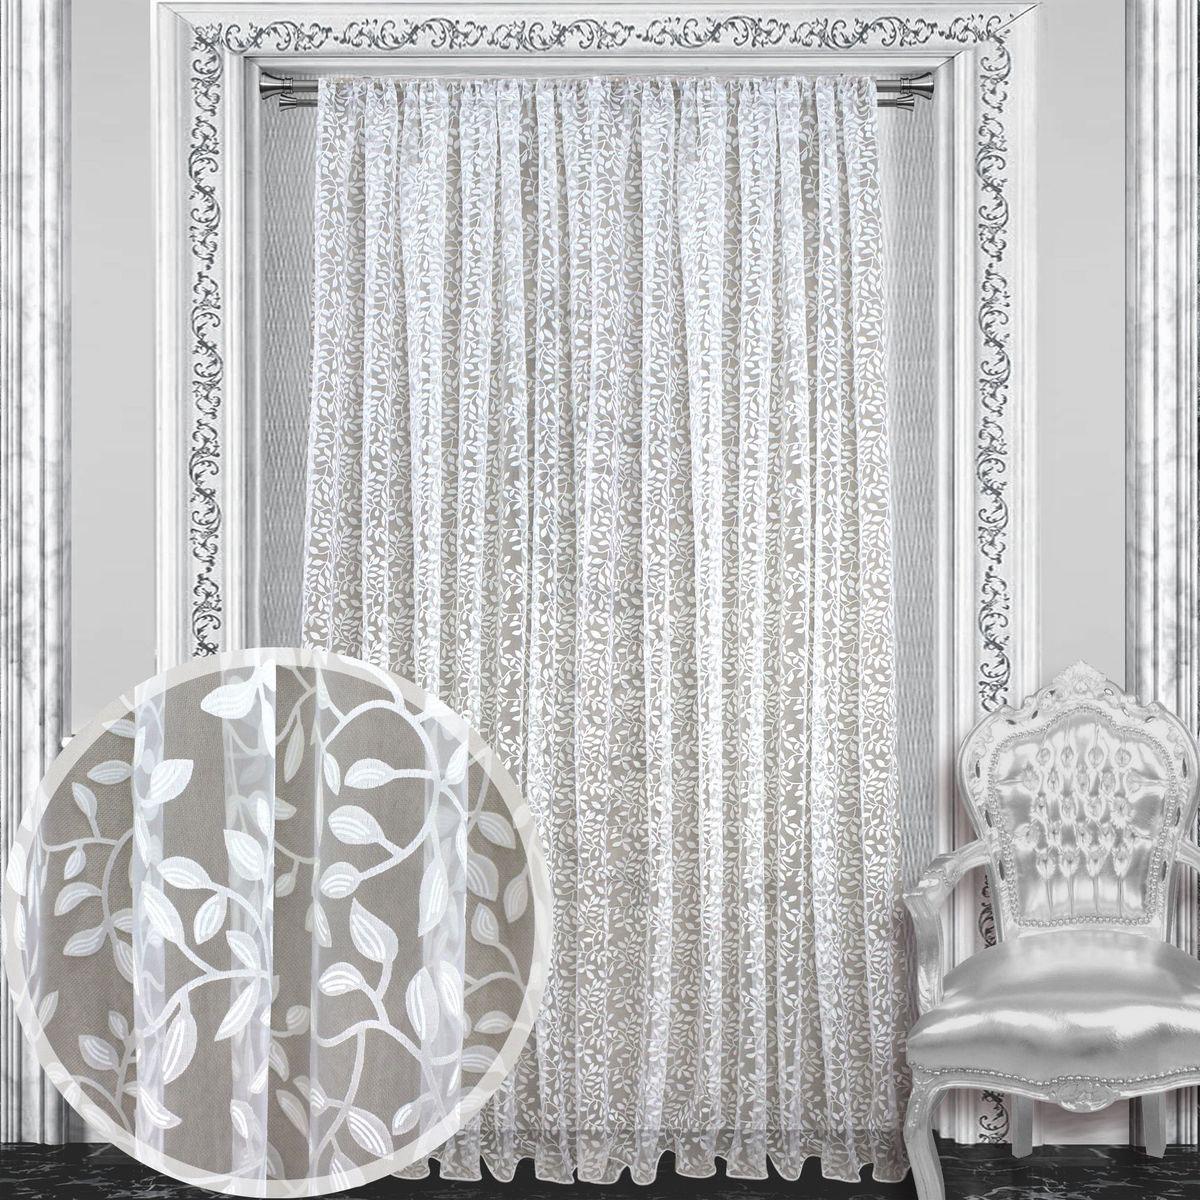 Тюль Amore Mio, на ленте, цвет: белый, высота 270 см. 8611586115Тюль Amore Mio изготовлен из 100% полиэстера. Воздушная ткань привлечет к себе внимание и идеально оформит интерьер любого помещения. Полиэстер - вид ткани, состоящий из полиэфирных волокон. Ткани из полиэстера легкие, прочные и износостойкие. Такие изделия не требуют специального ухода, не пылятся и почти не мнутся.Крепление к карнизу осуществляется при помощи вшитой шторной ленты.